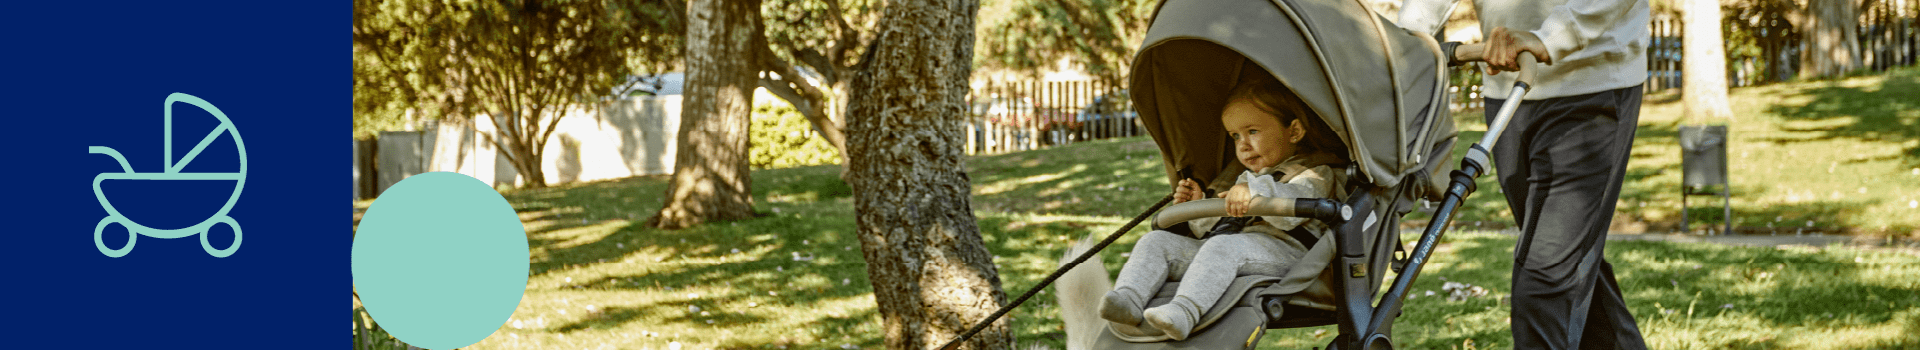 Passeggio bambino | Passeggino e accessori bambino | Janéworld